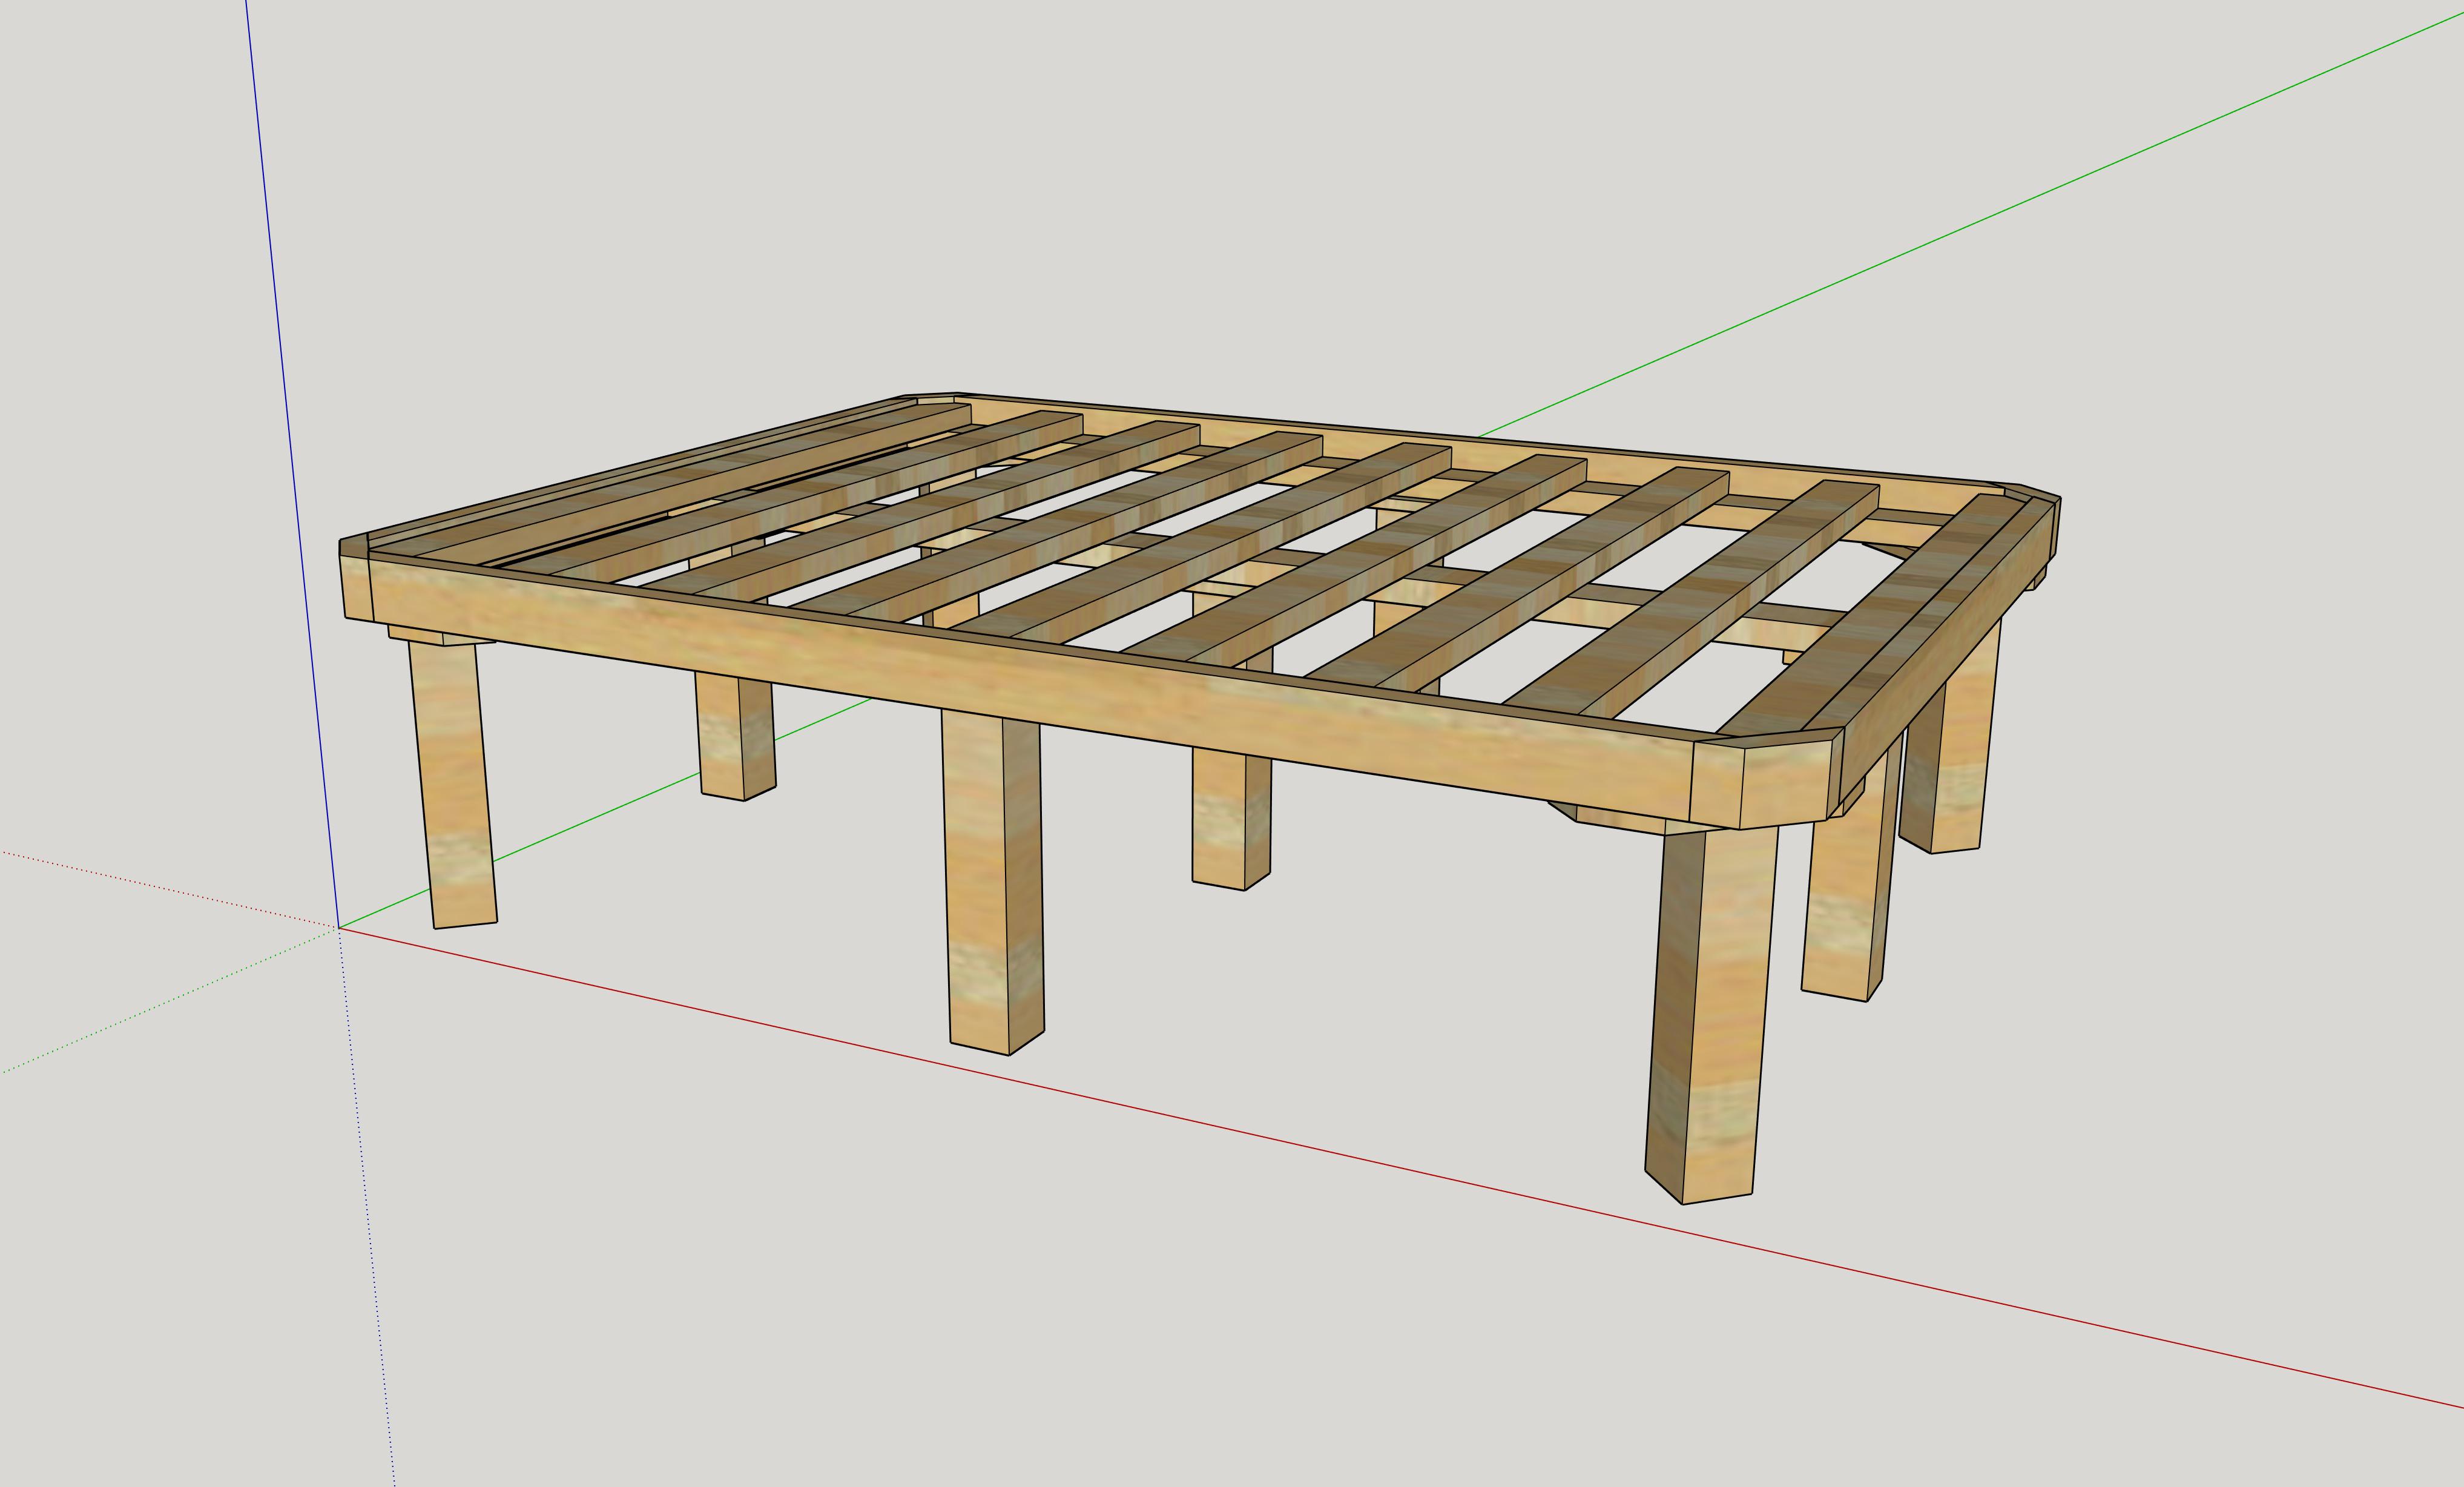 sketchup woodworking - Ataum berglauf-verband com